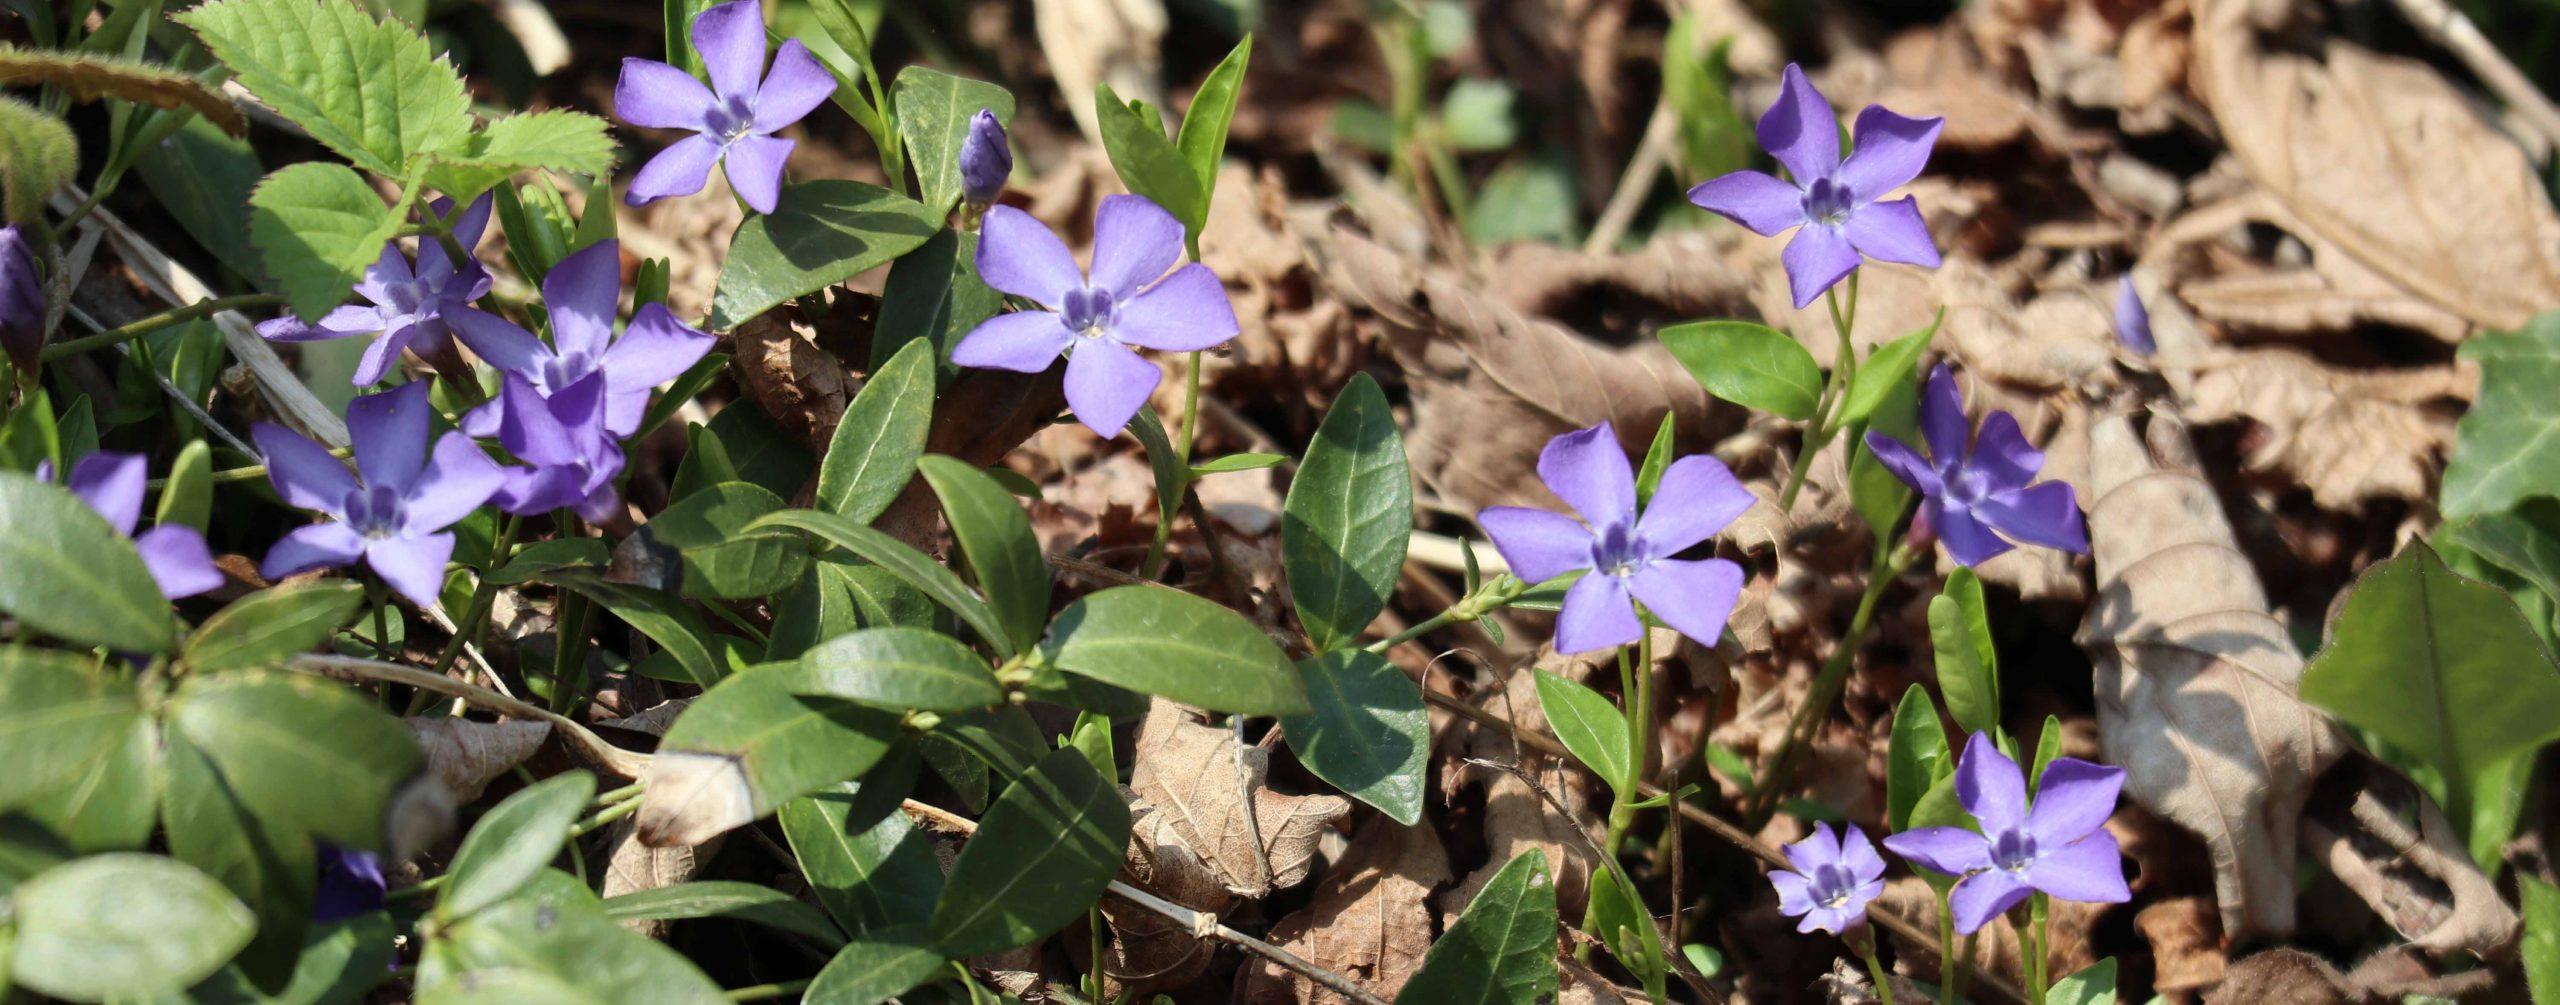 Strupene rastline - zimzelen, Vinca minor, tudi cvetovi so strupeni